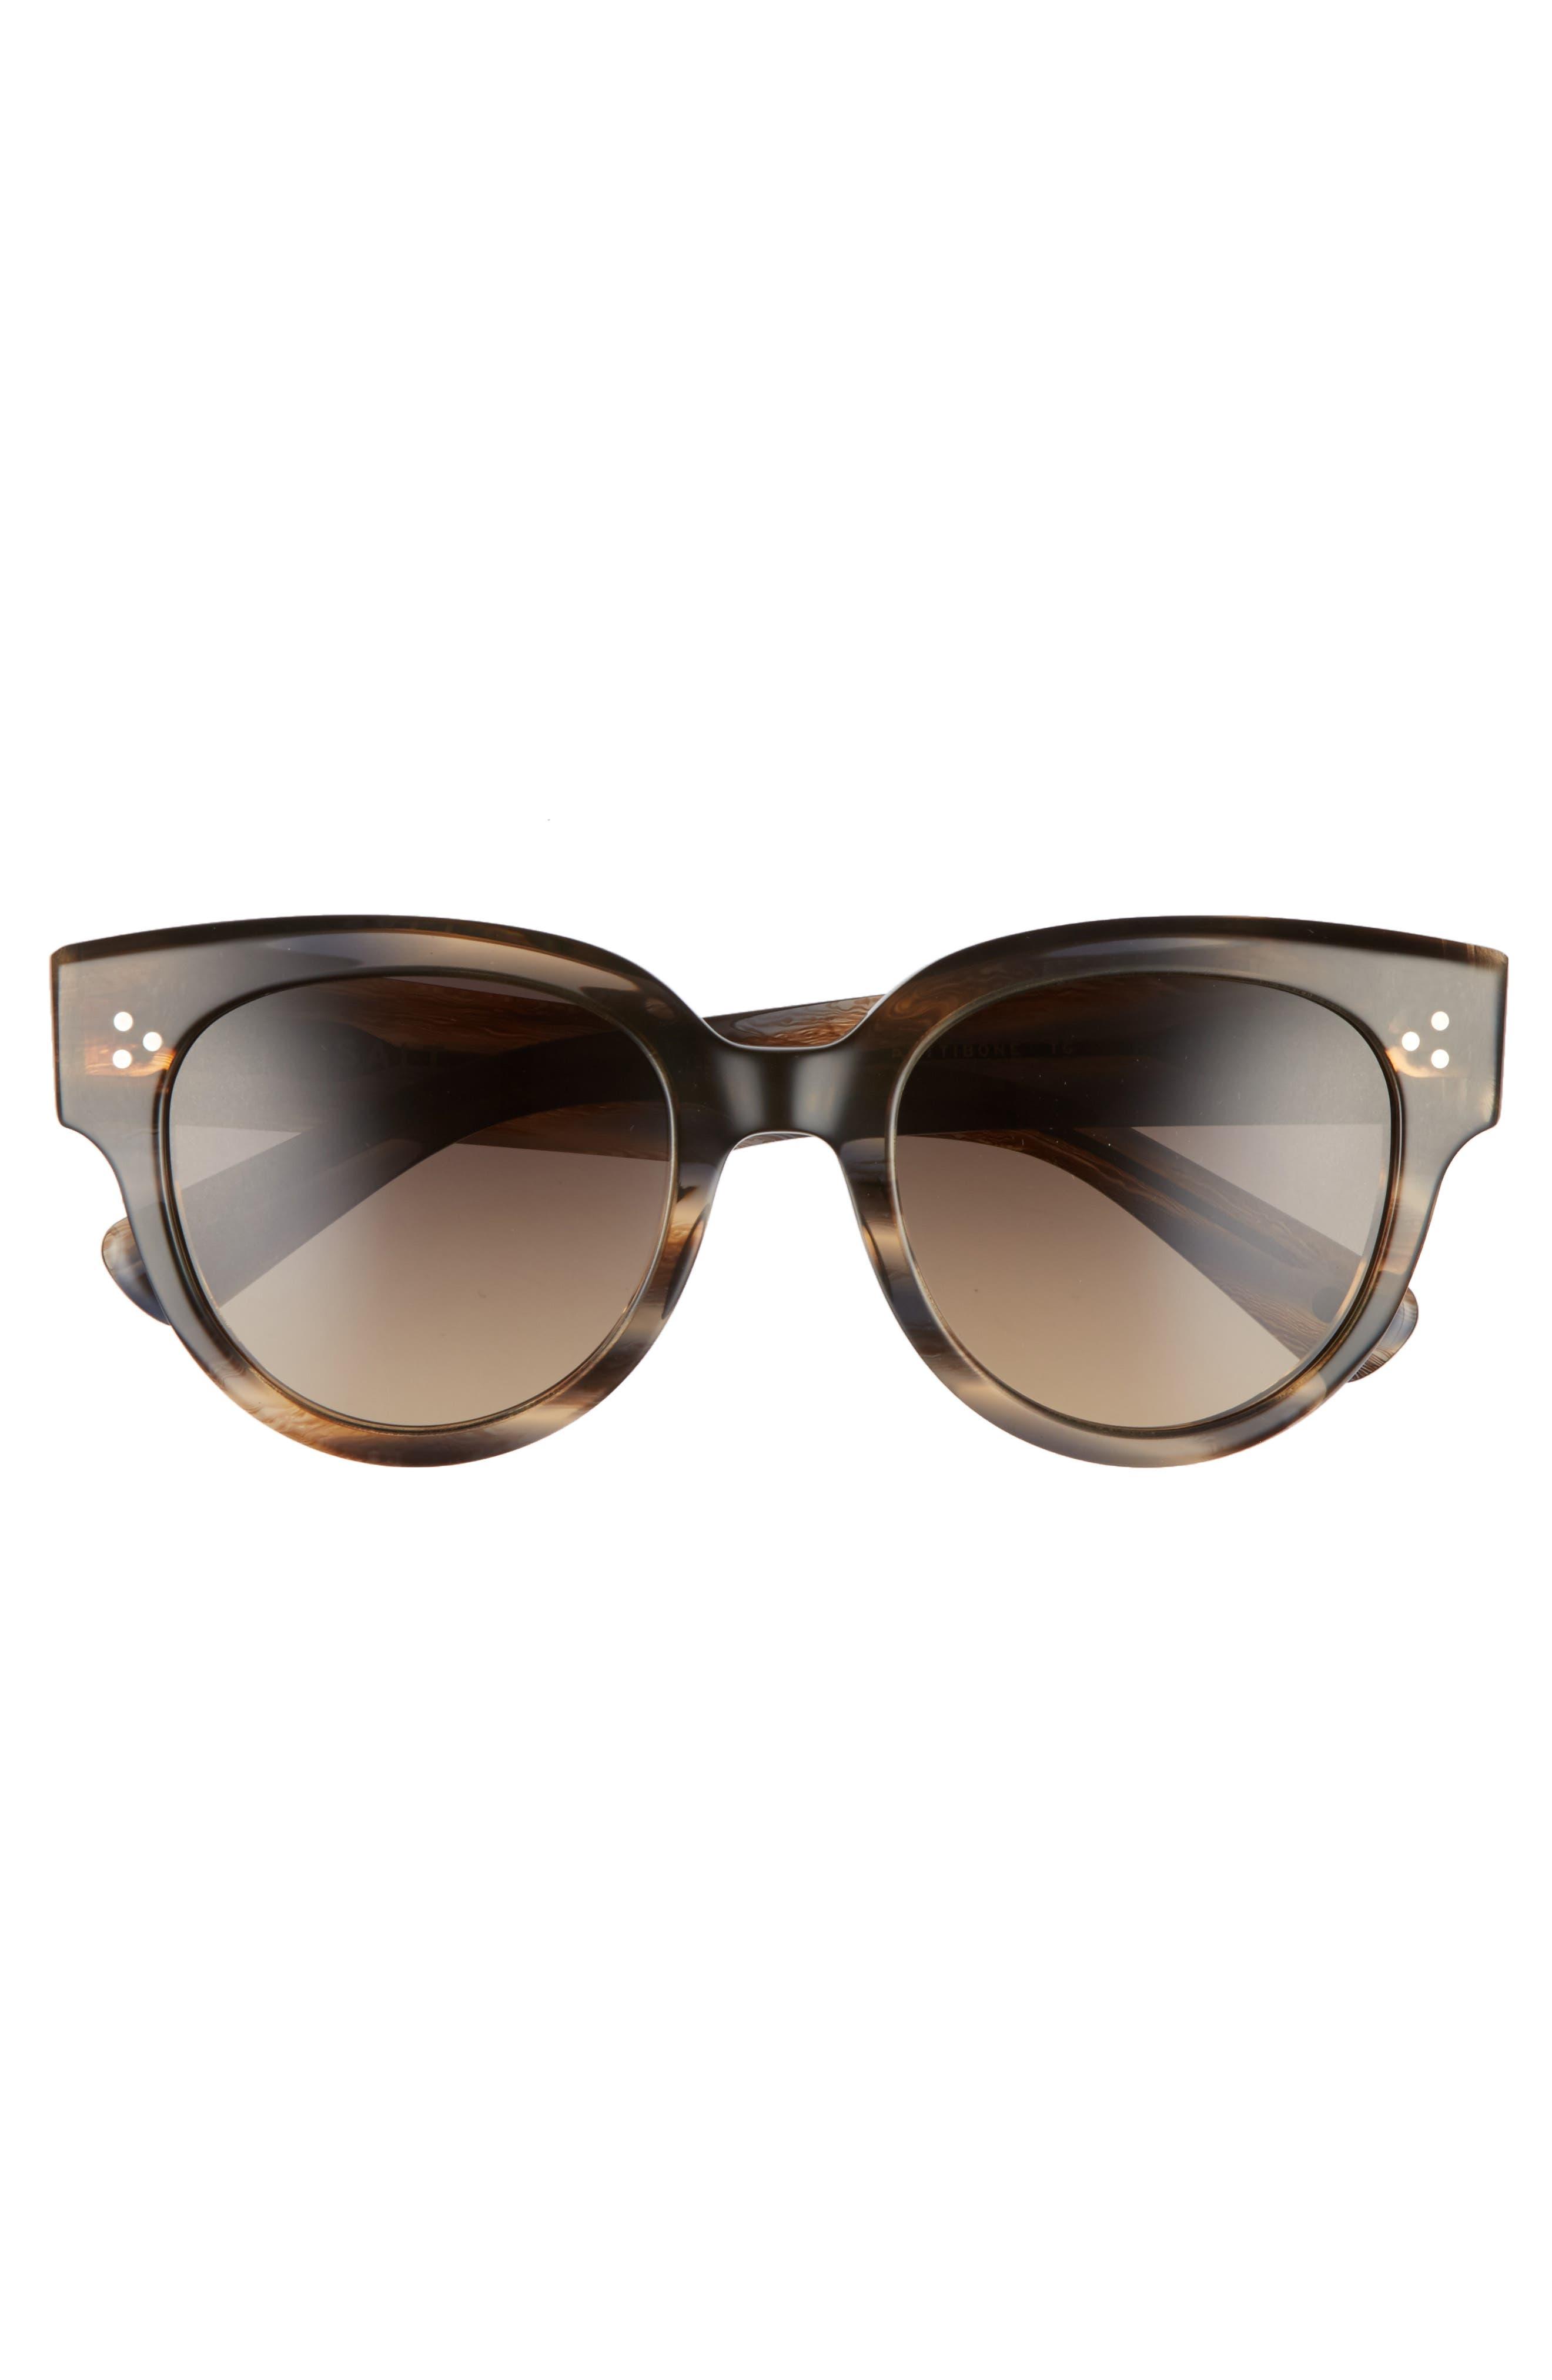 Pettibone 52mm Polarized Sunglasses,                             Alternate thumbnail 11, color,